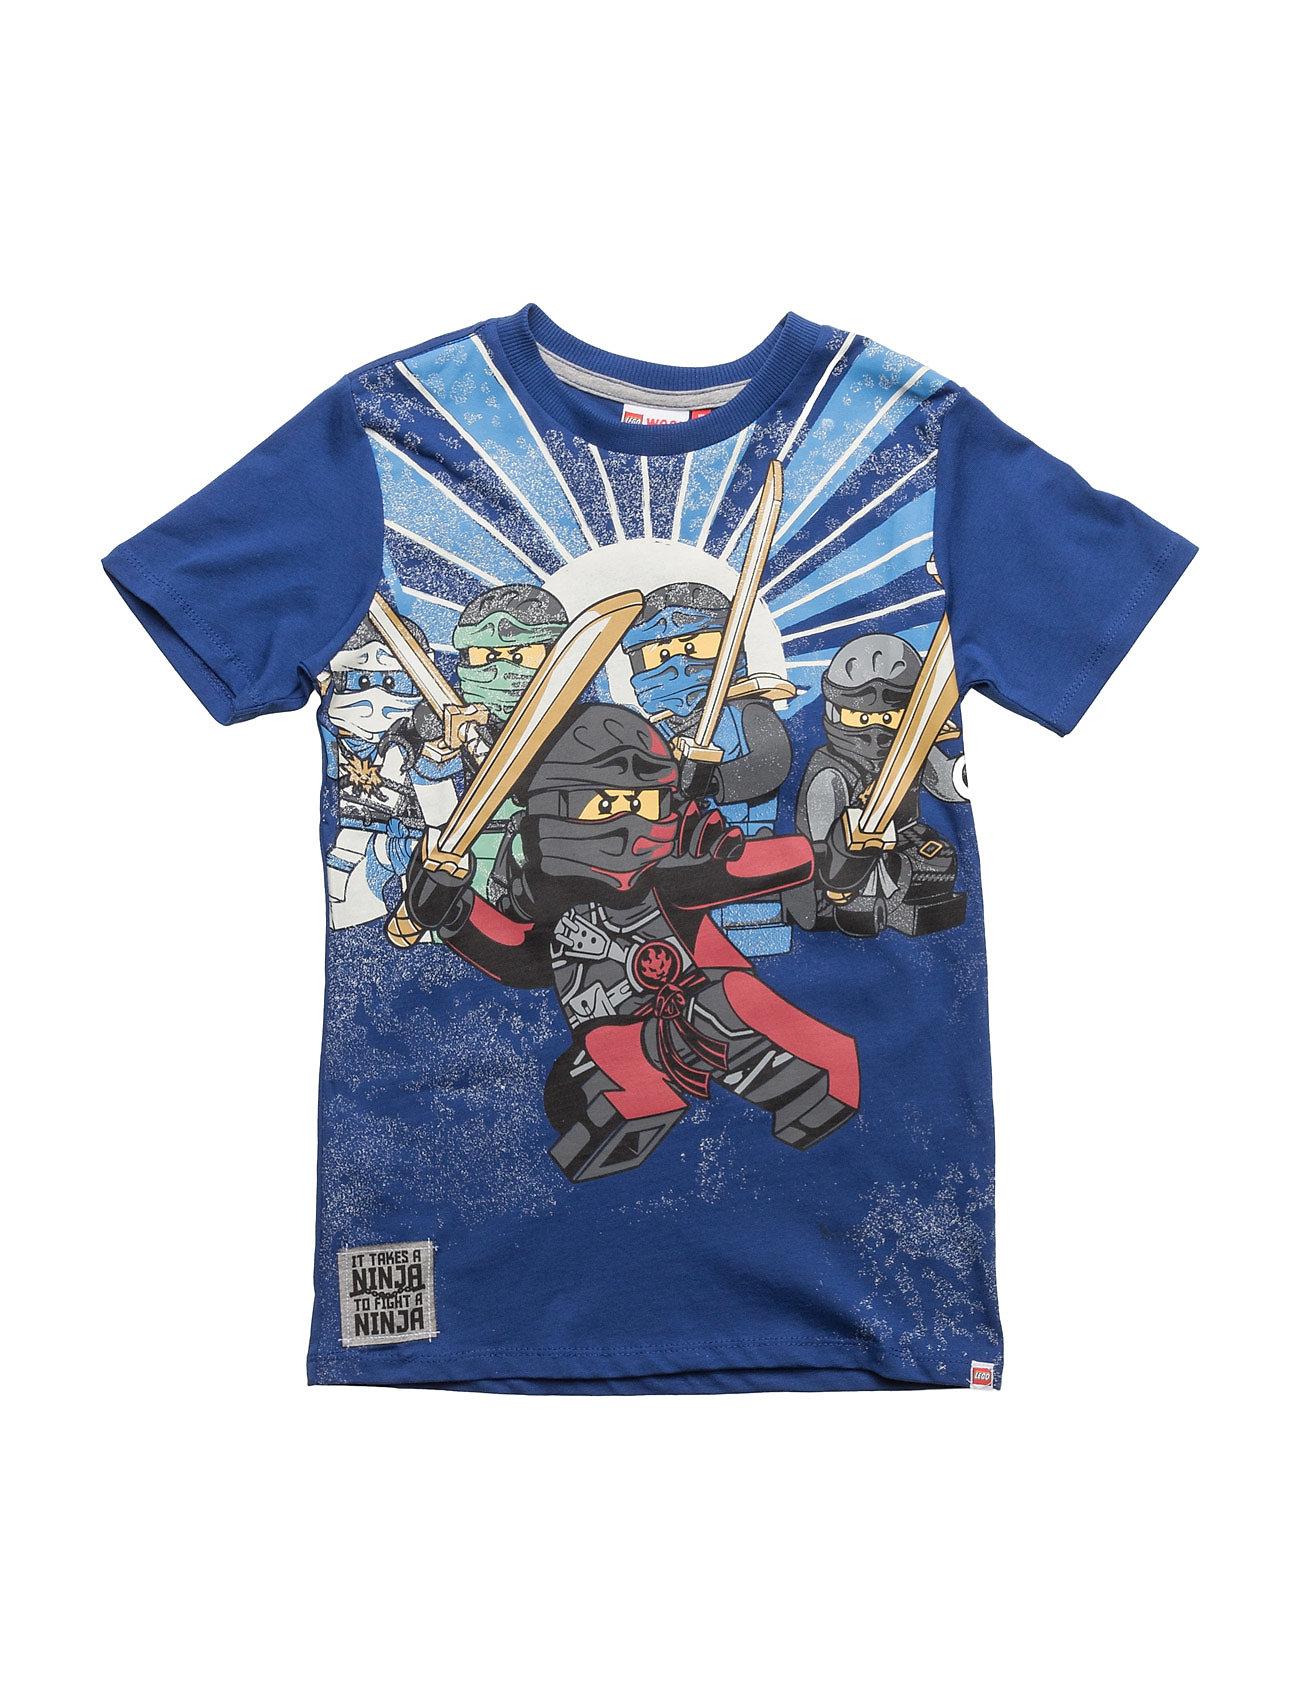 Teo 734 - T-Shirt S/S Lego wear Kortærmede t-shirts til Børn i Mørkeblå